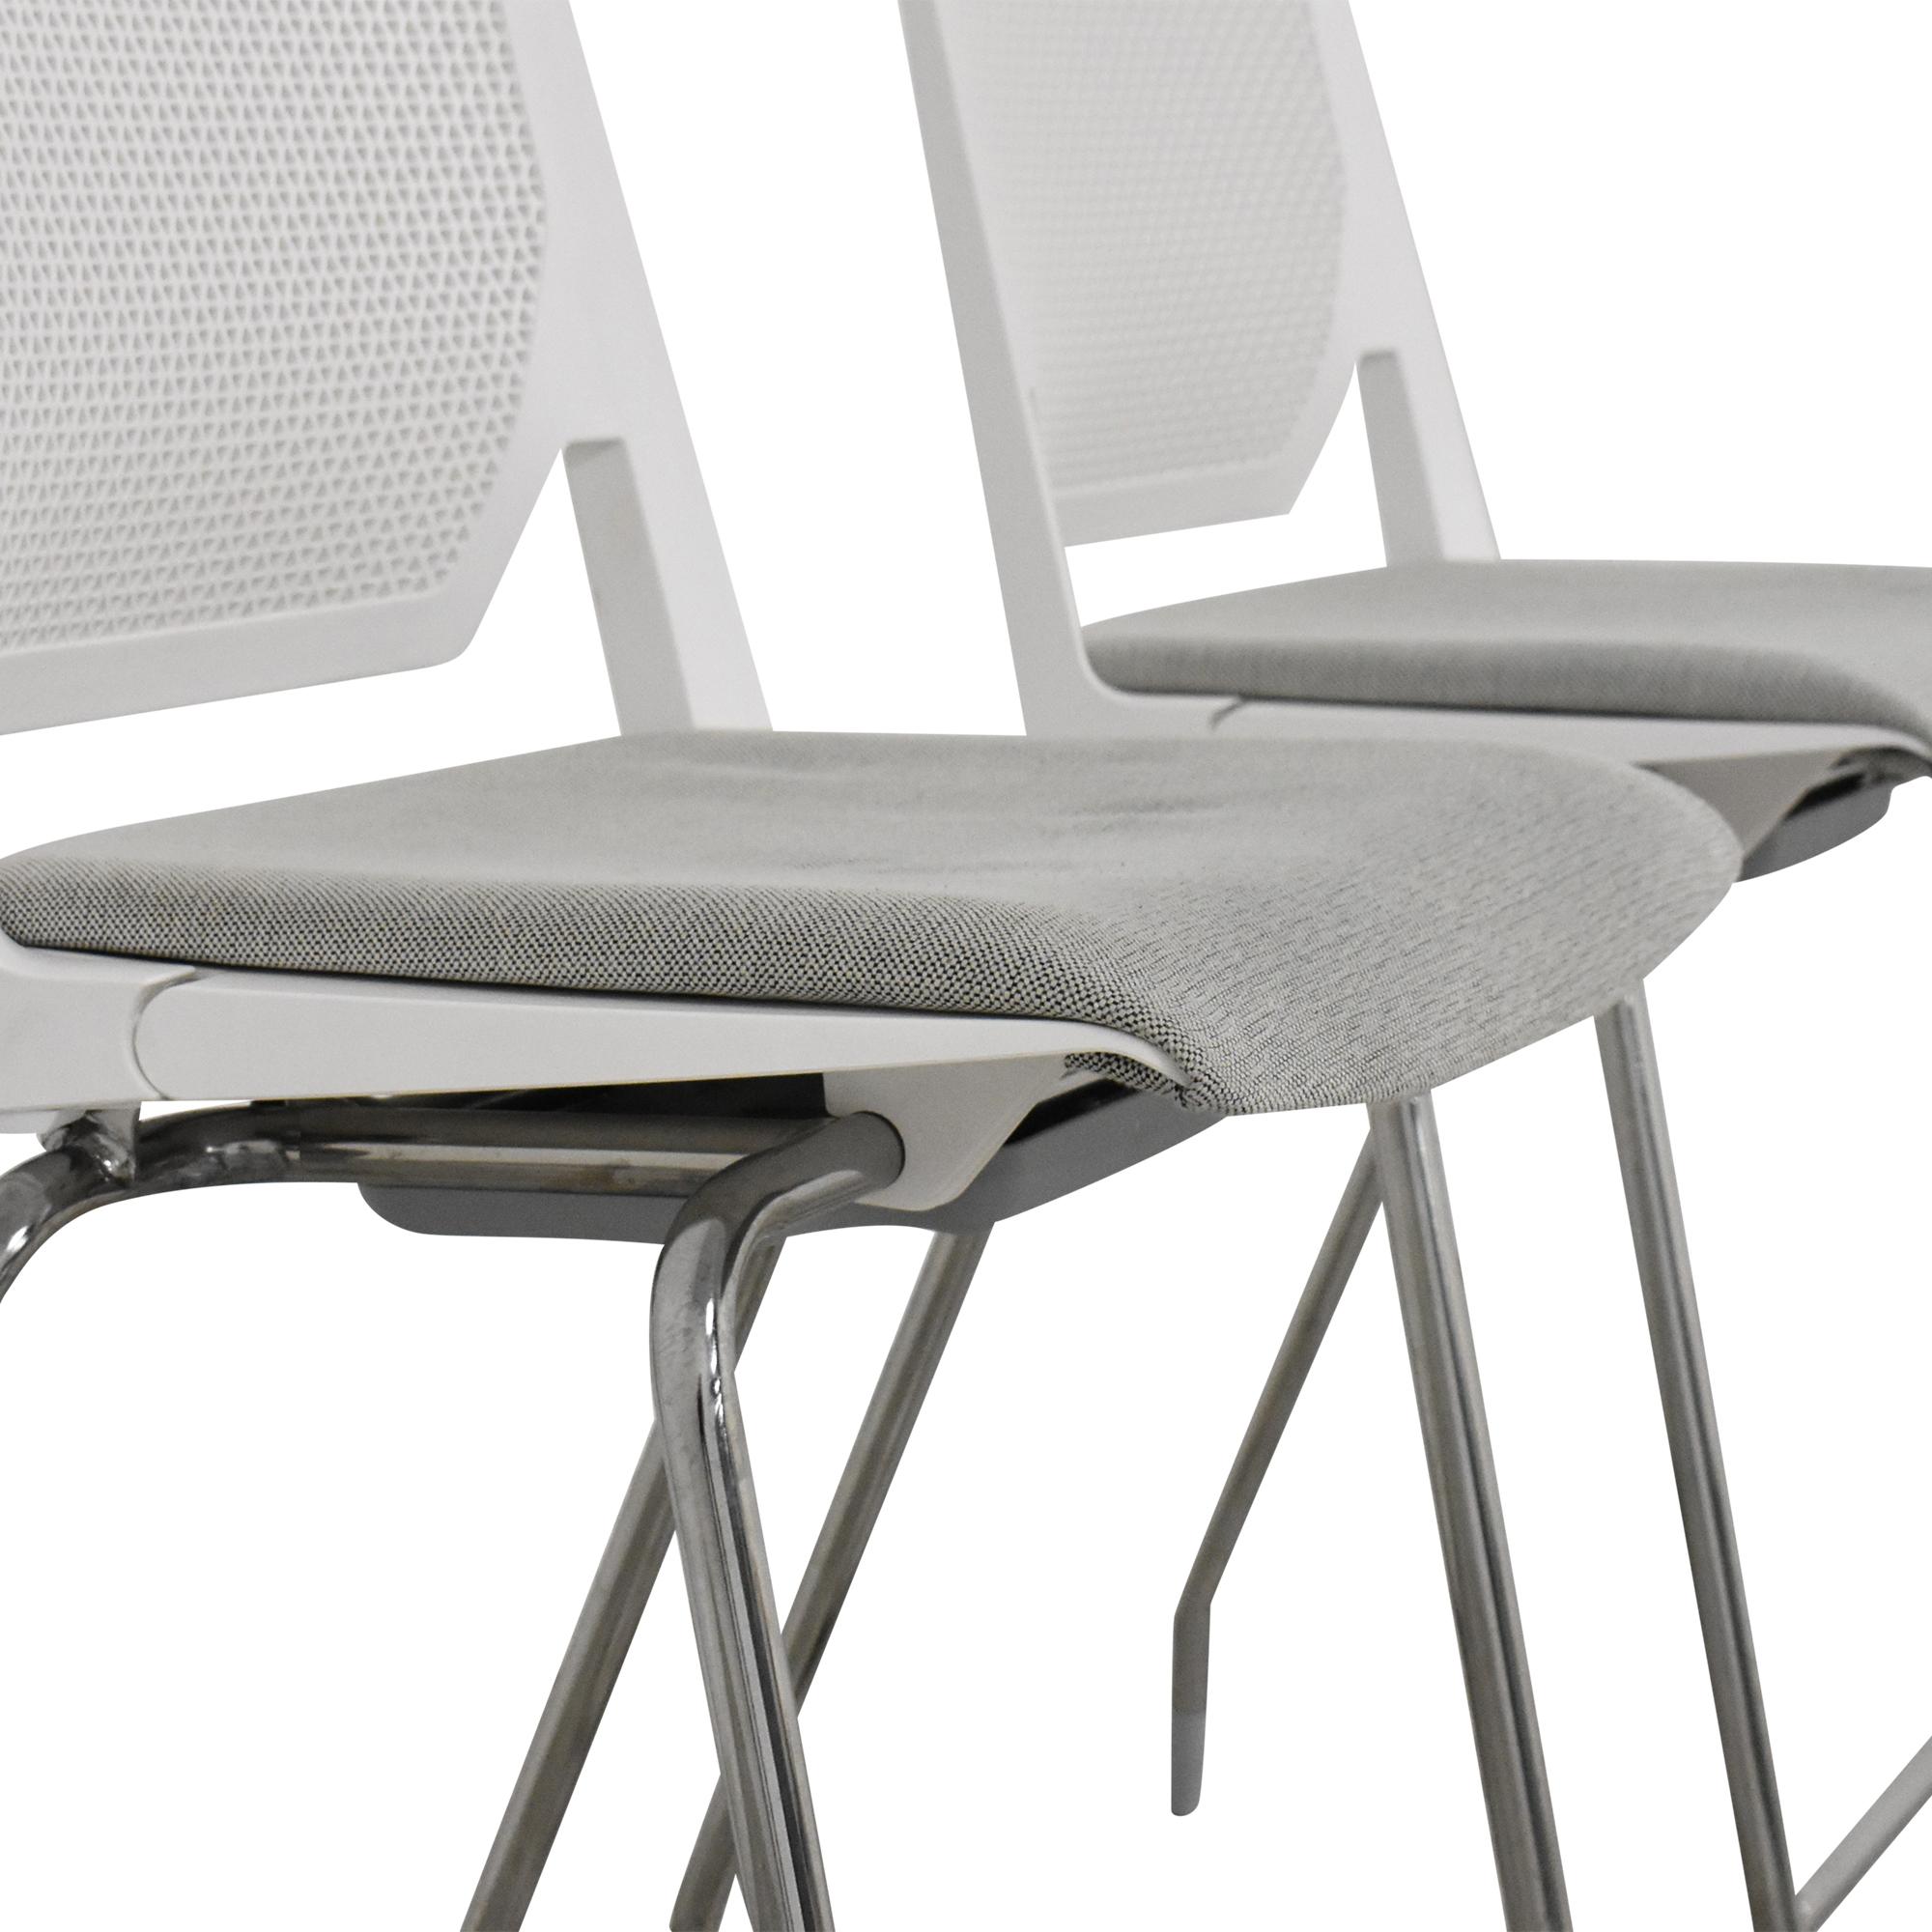 Haworth Very Side Chairs sale